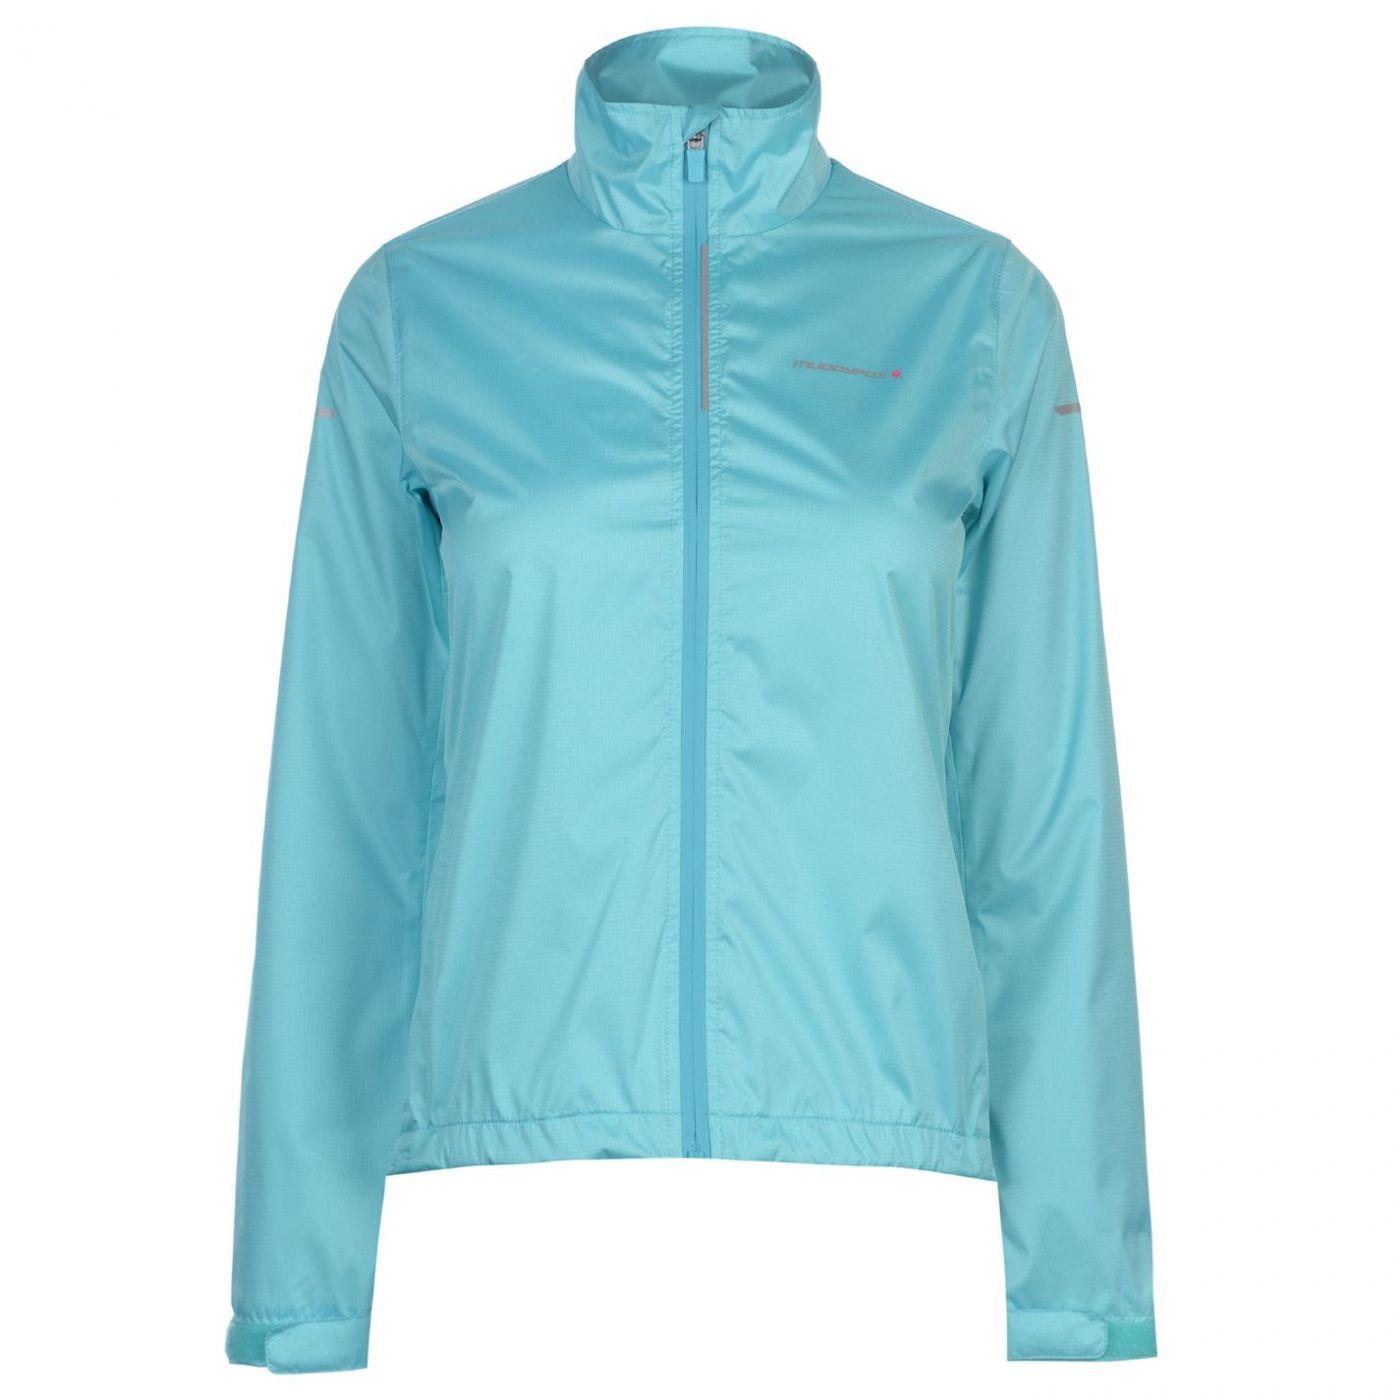 Muddyfox Cycling Jacket Ladies